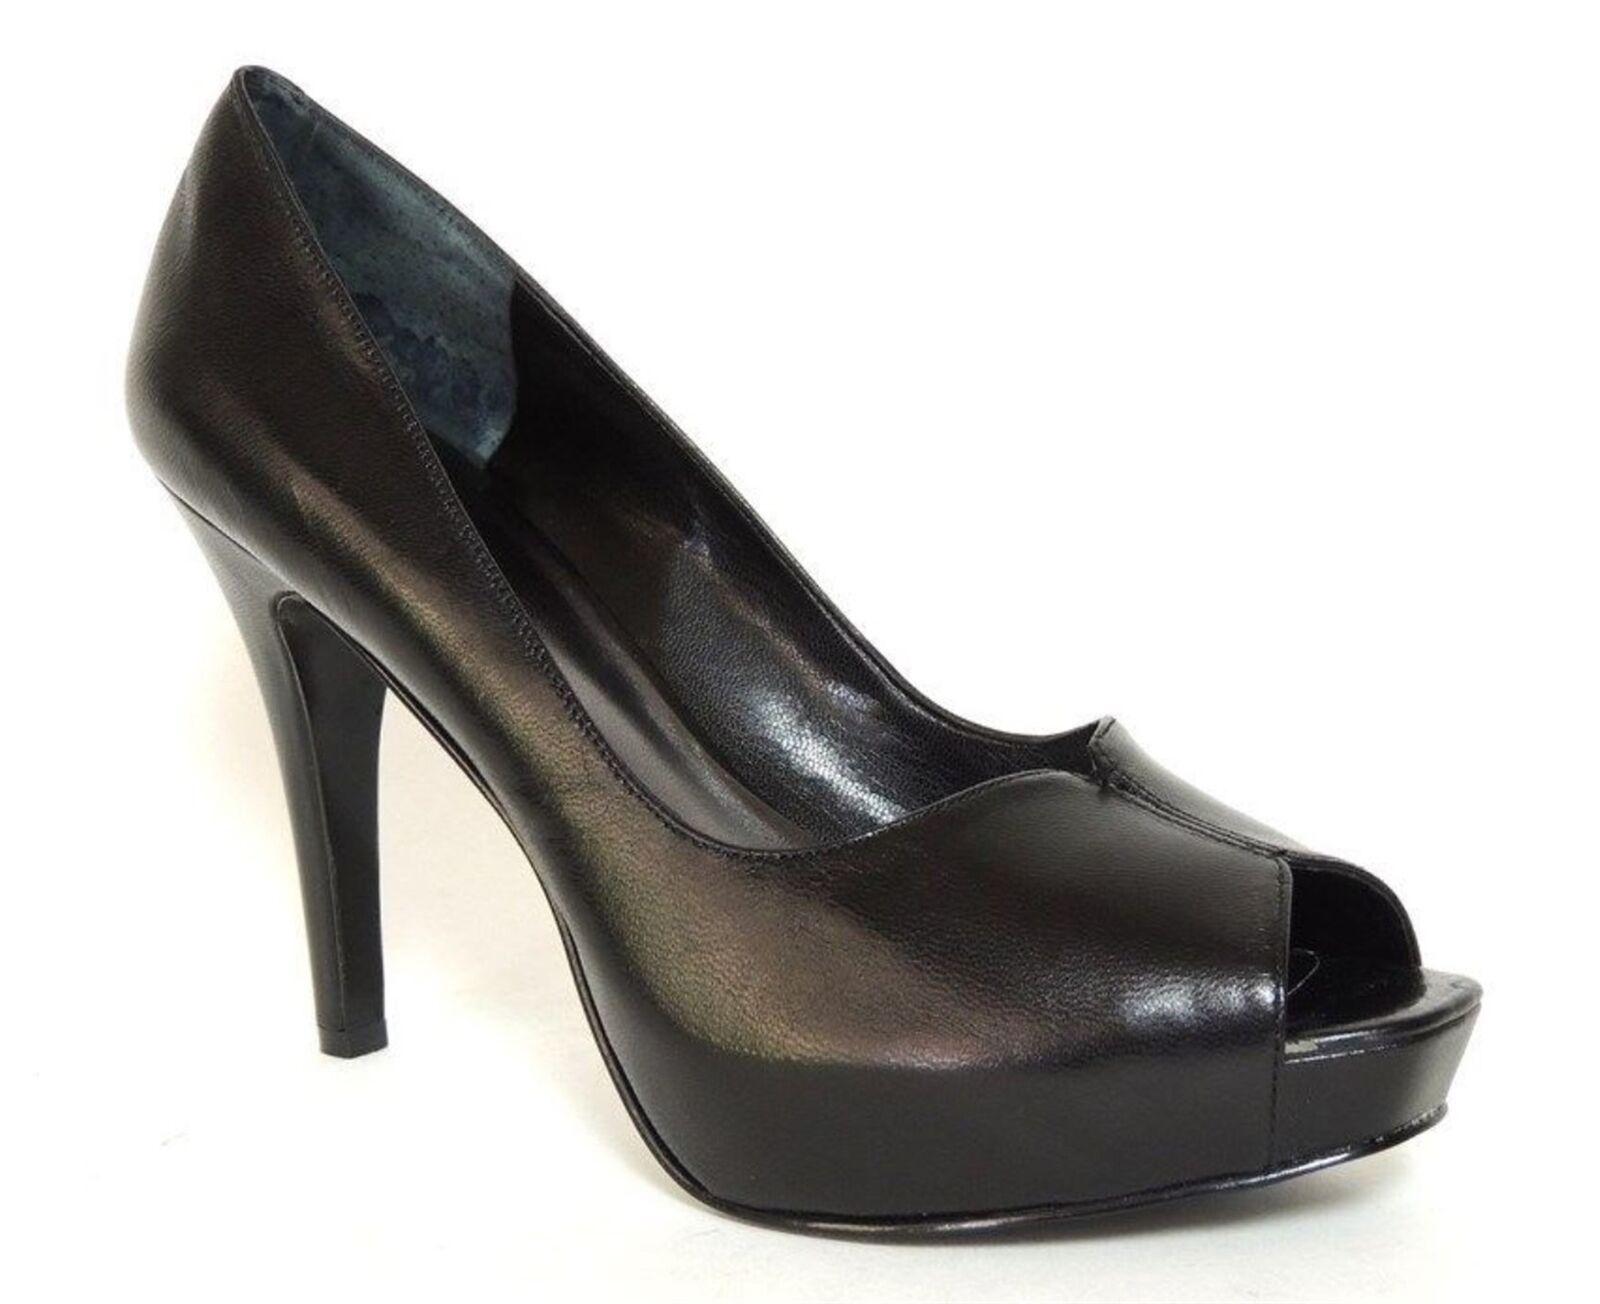 Nine West Women's Bonfire Peep-Toe Pumps Black Leather Size 10 M